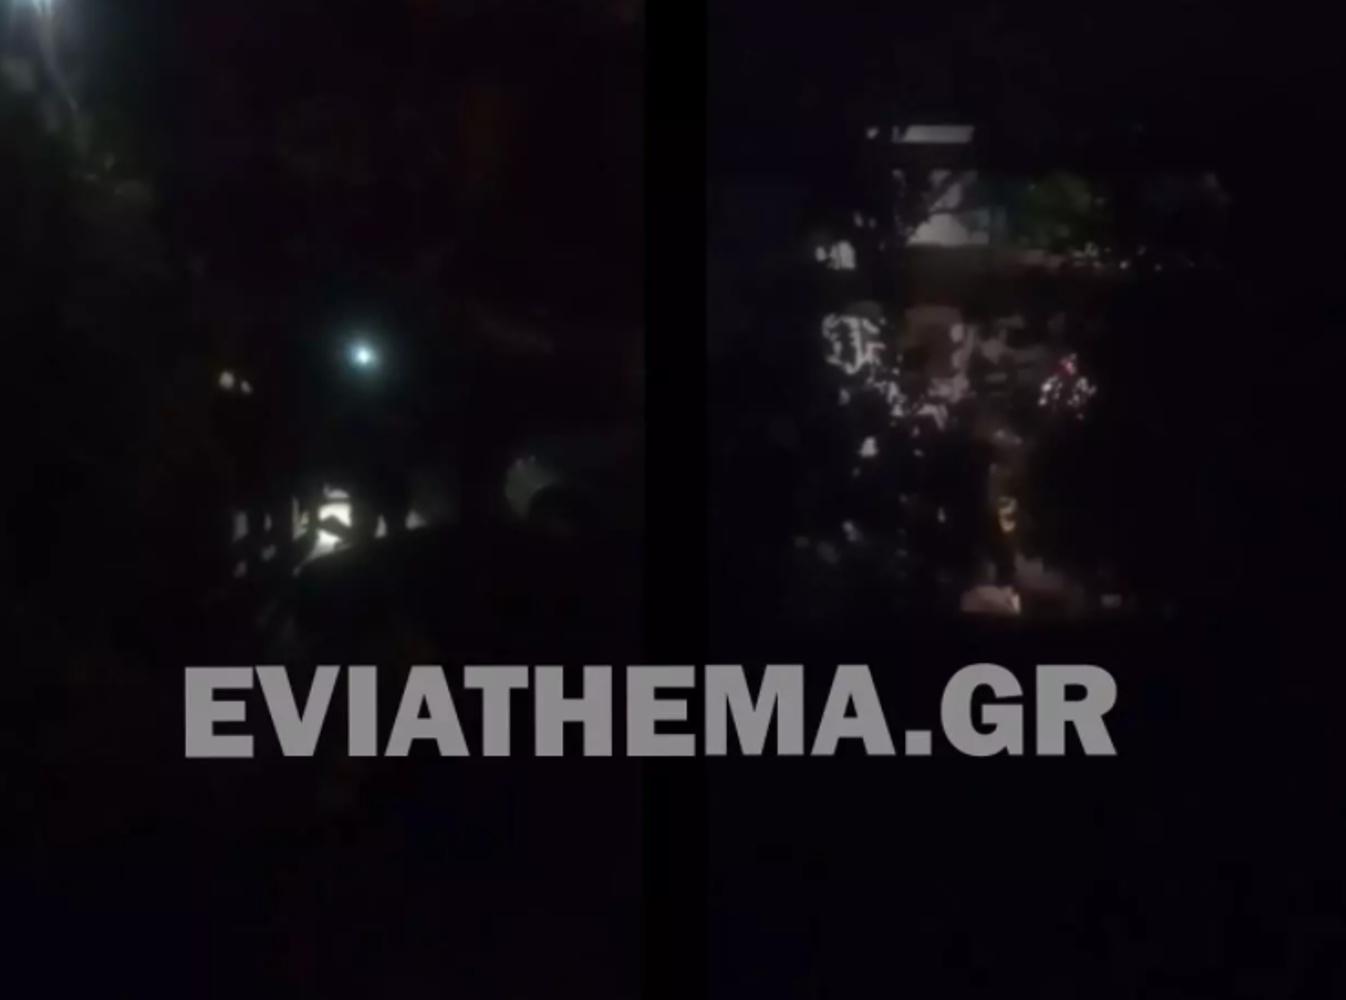 Εύβοια: Κορονοπάρτι με 100 άτομα στη Νέα Αρτάκη – Έφυγε η αστυνομία και συνέχισαν